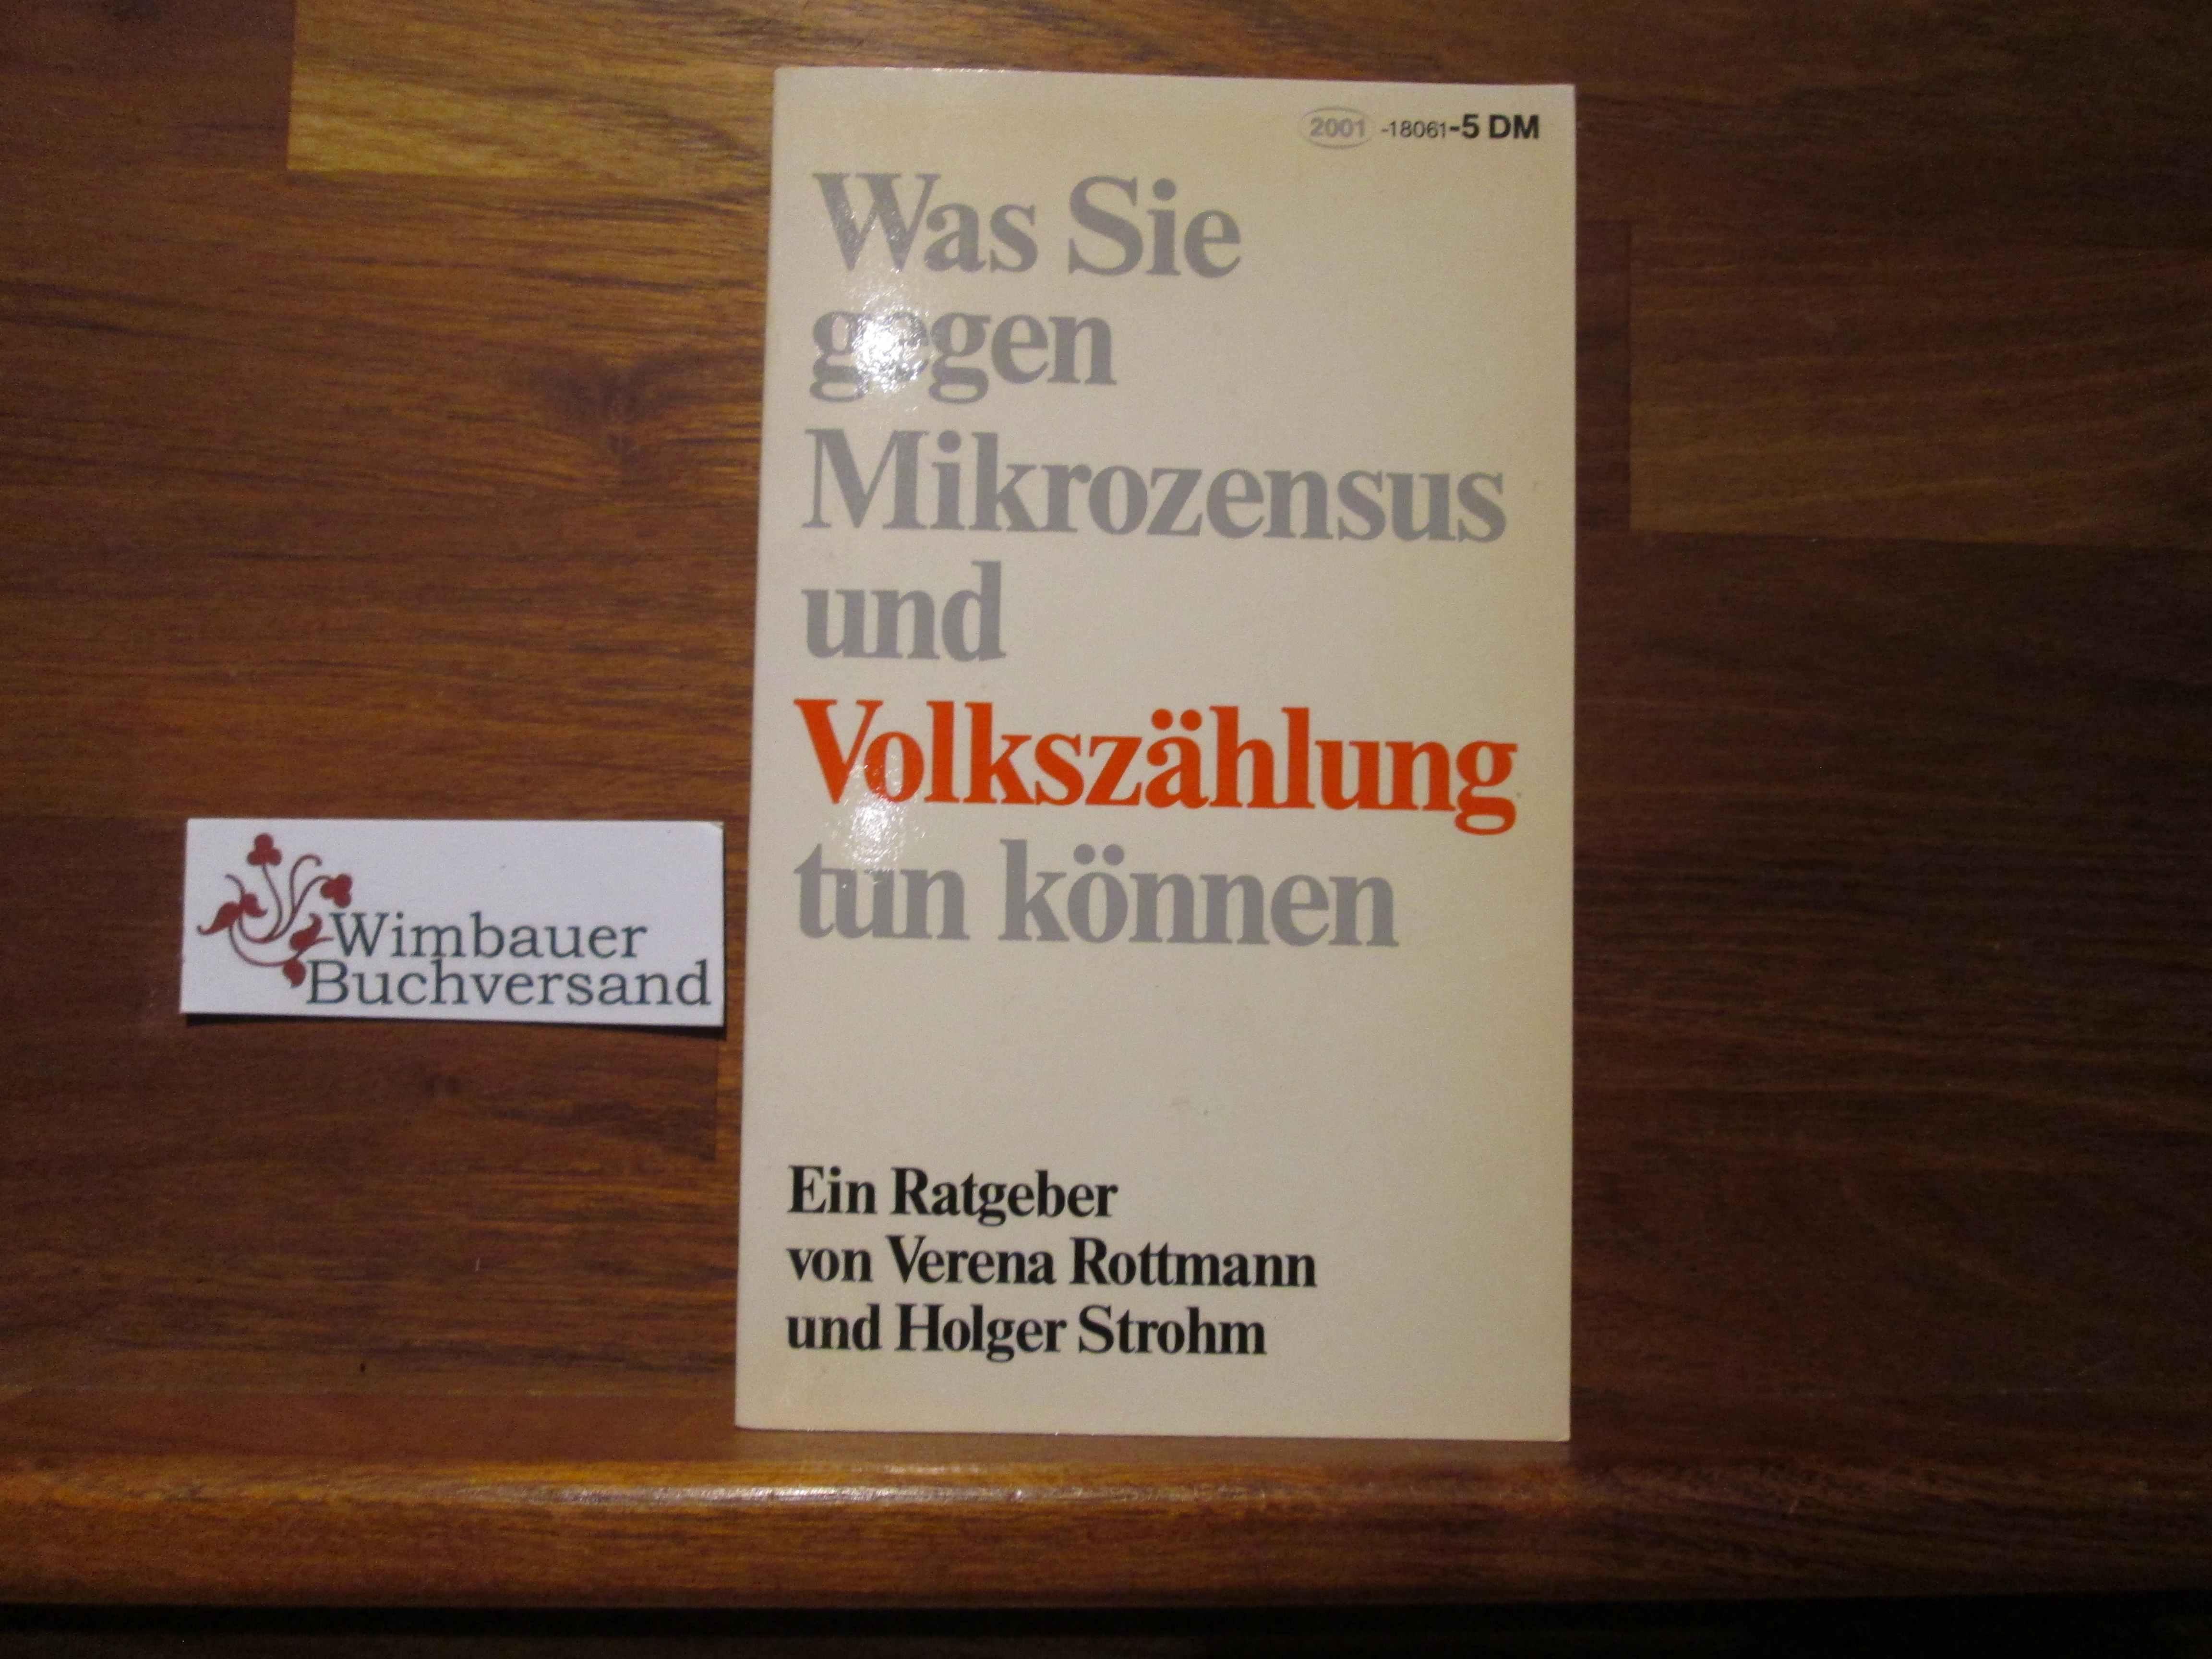 Rottmann, Verena S. und Holger Strohm : Was Sie gegen Mikrozensus und Volkszählung tun können. Verena S. Rottmann ; Holger Strohm 11. Aufl.